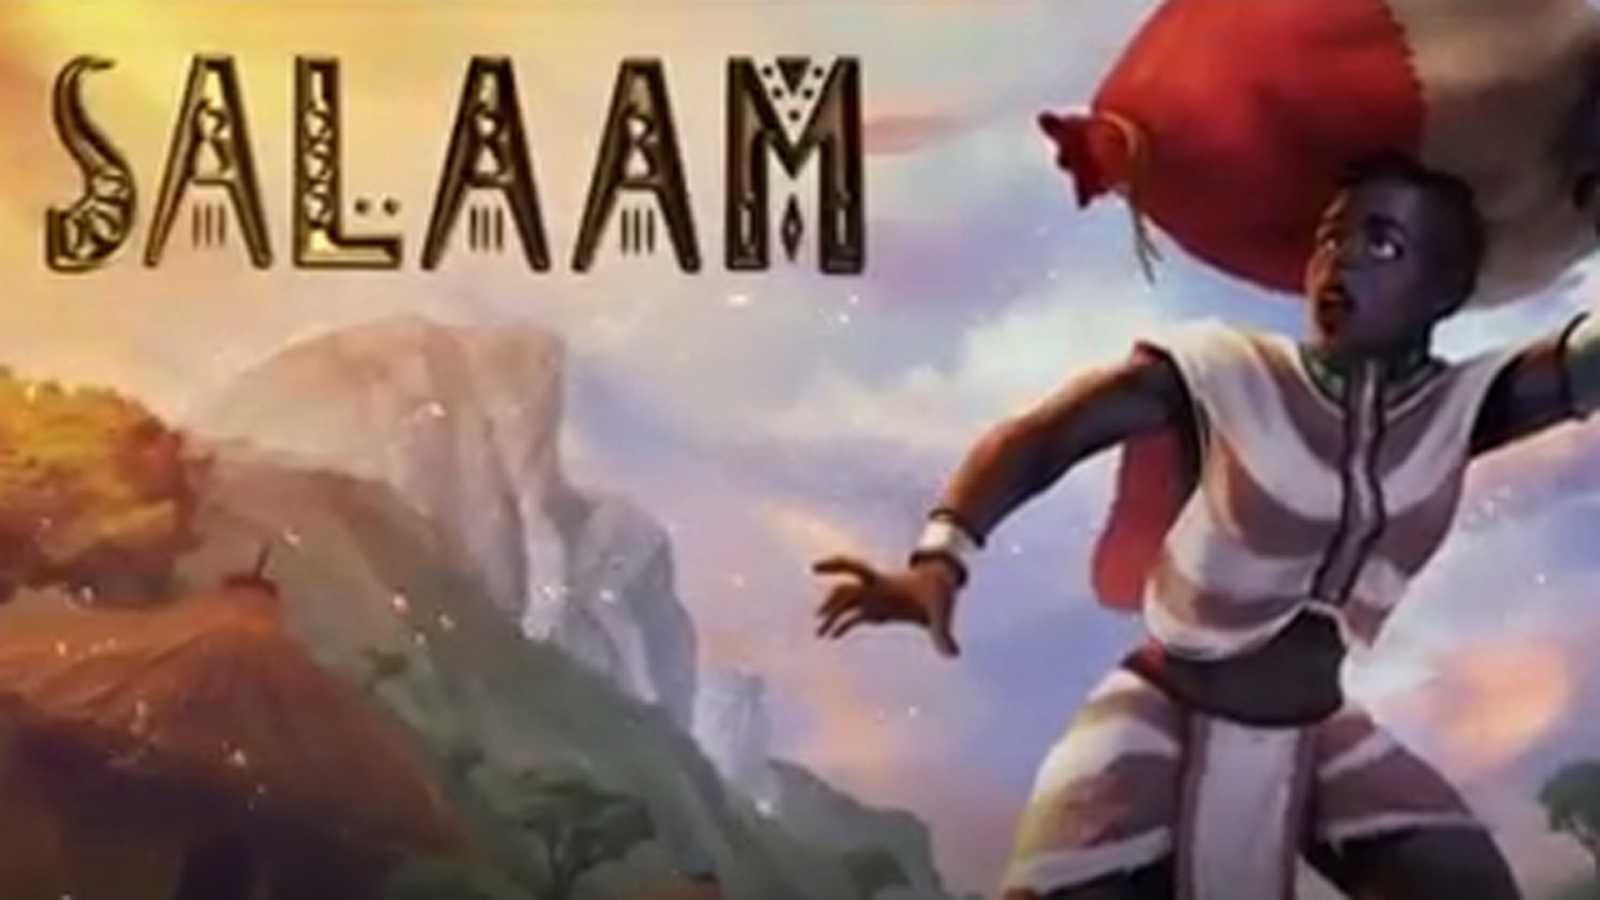 'Salaam' el videojuego que pretende concienciar sobre la situación de los refugiados